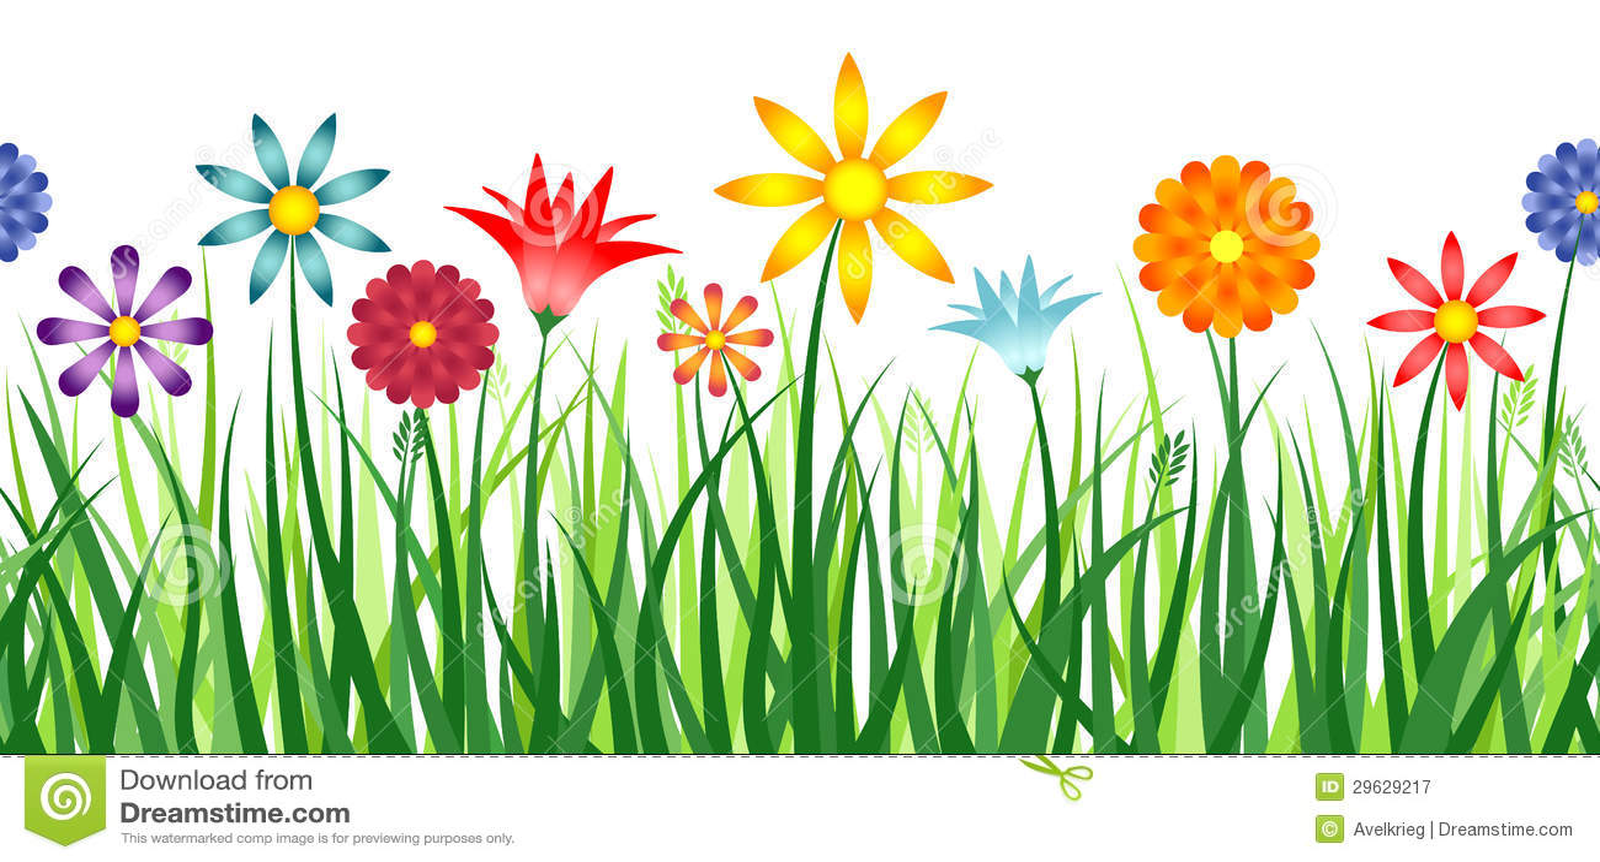 flower border stock vector illustration of outside environment